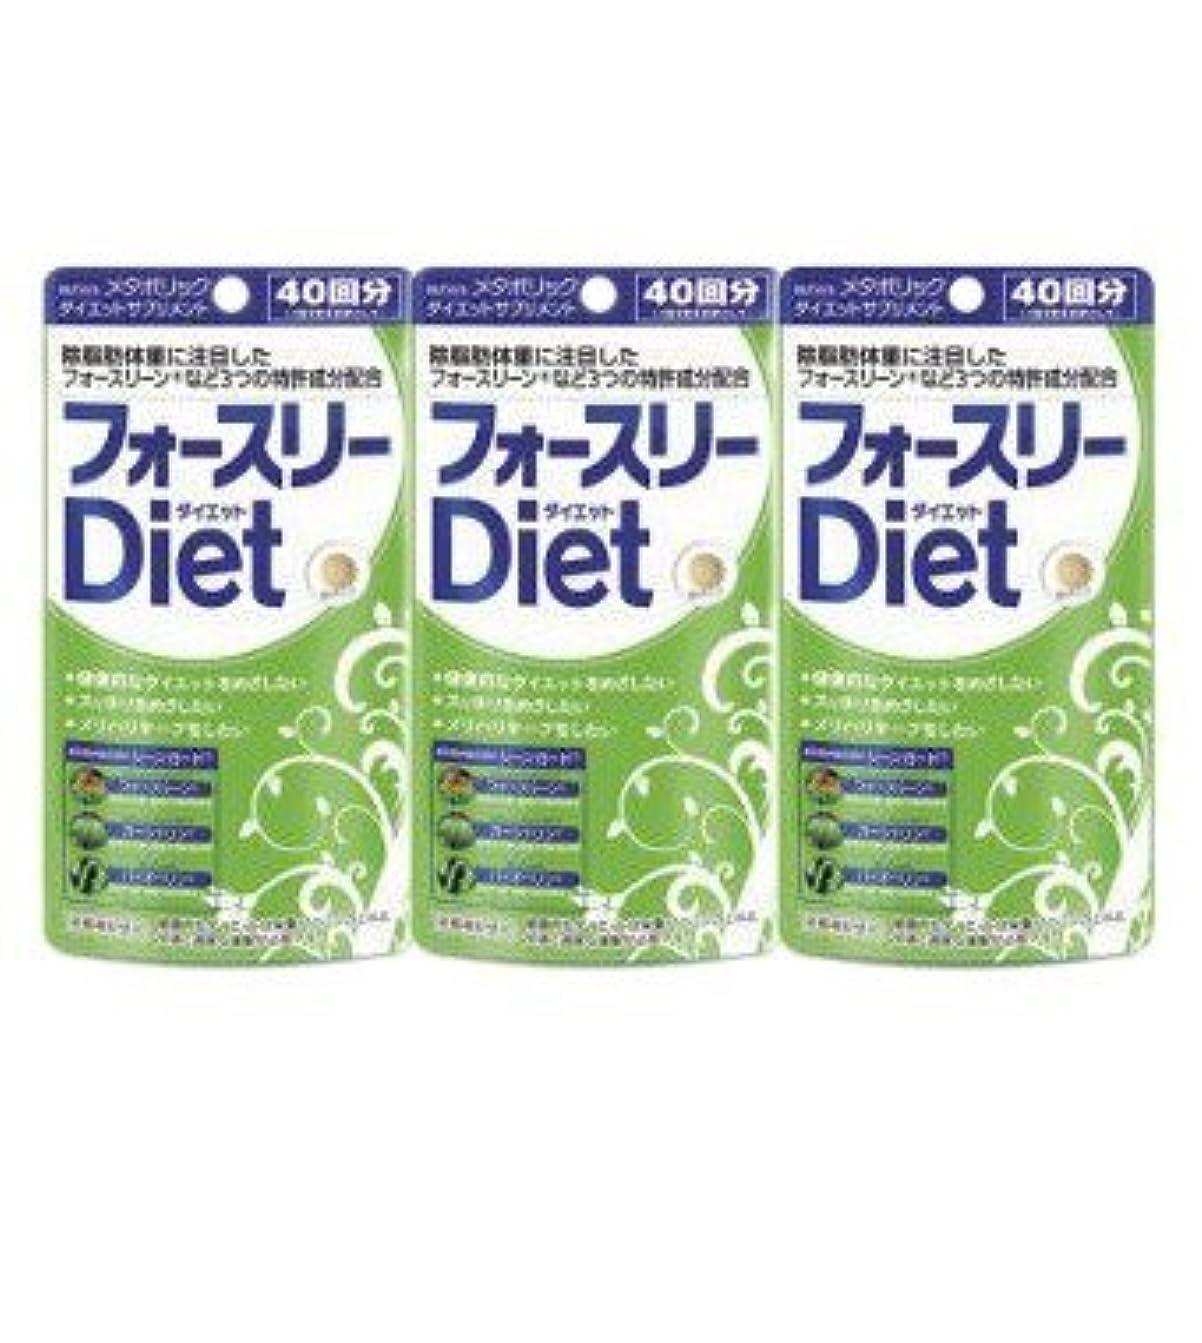 知覚的群れ電池【3個セット】フォースリーダイエット 40回分